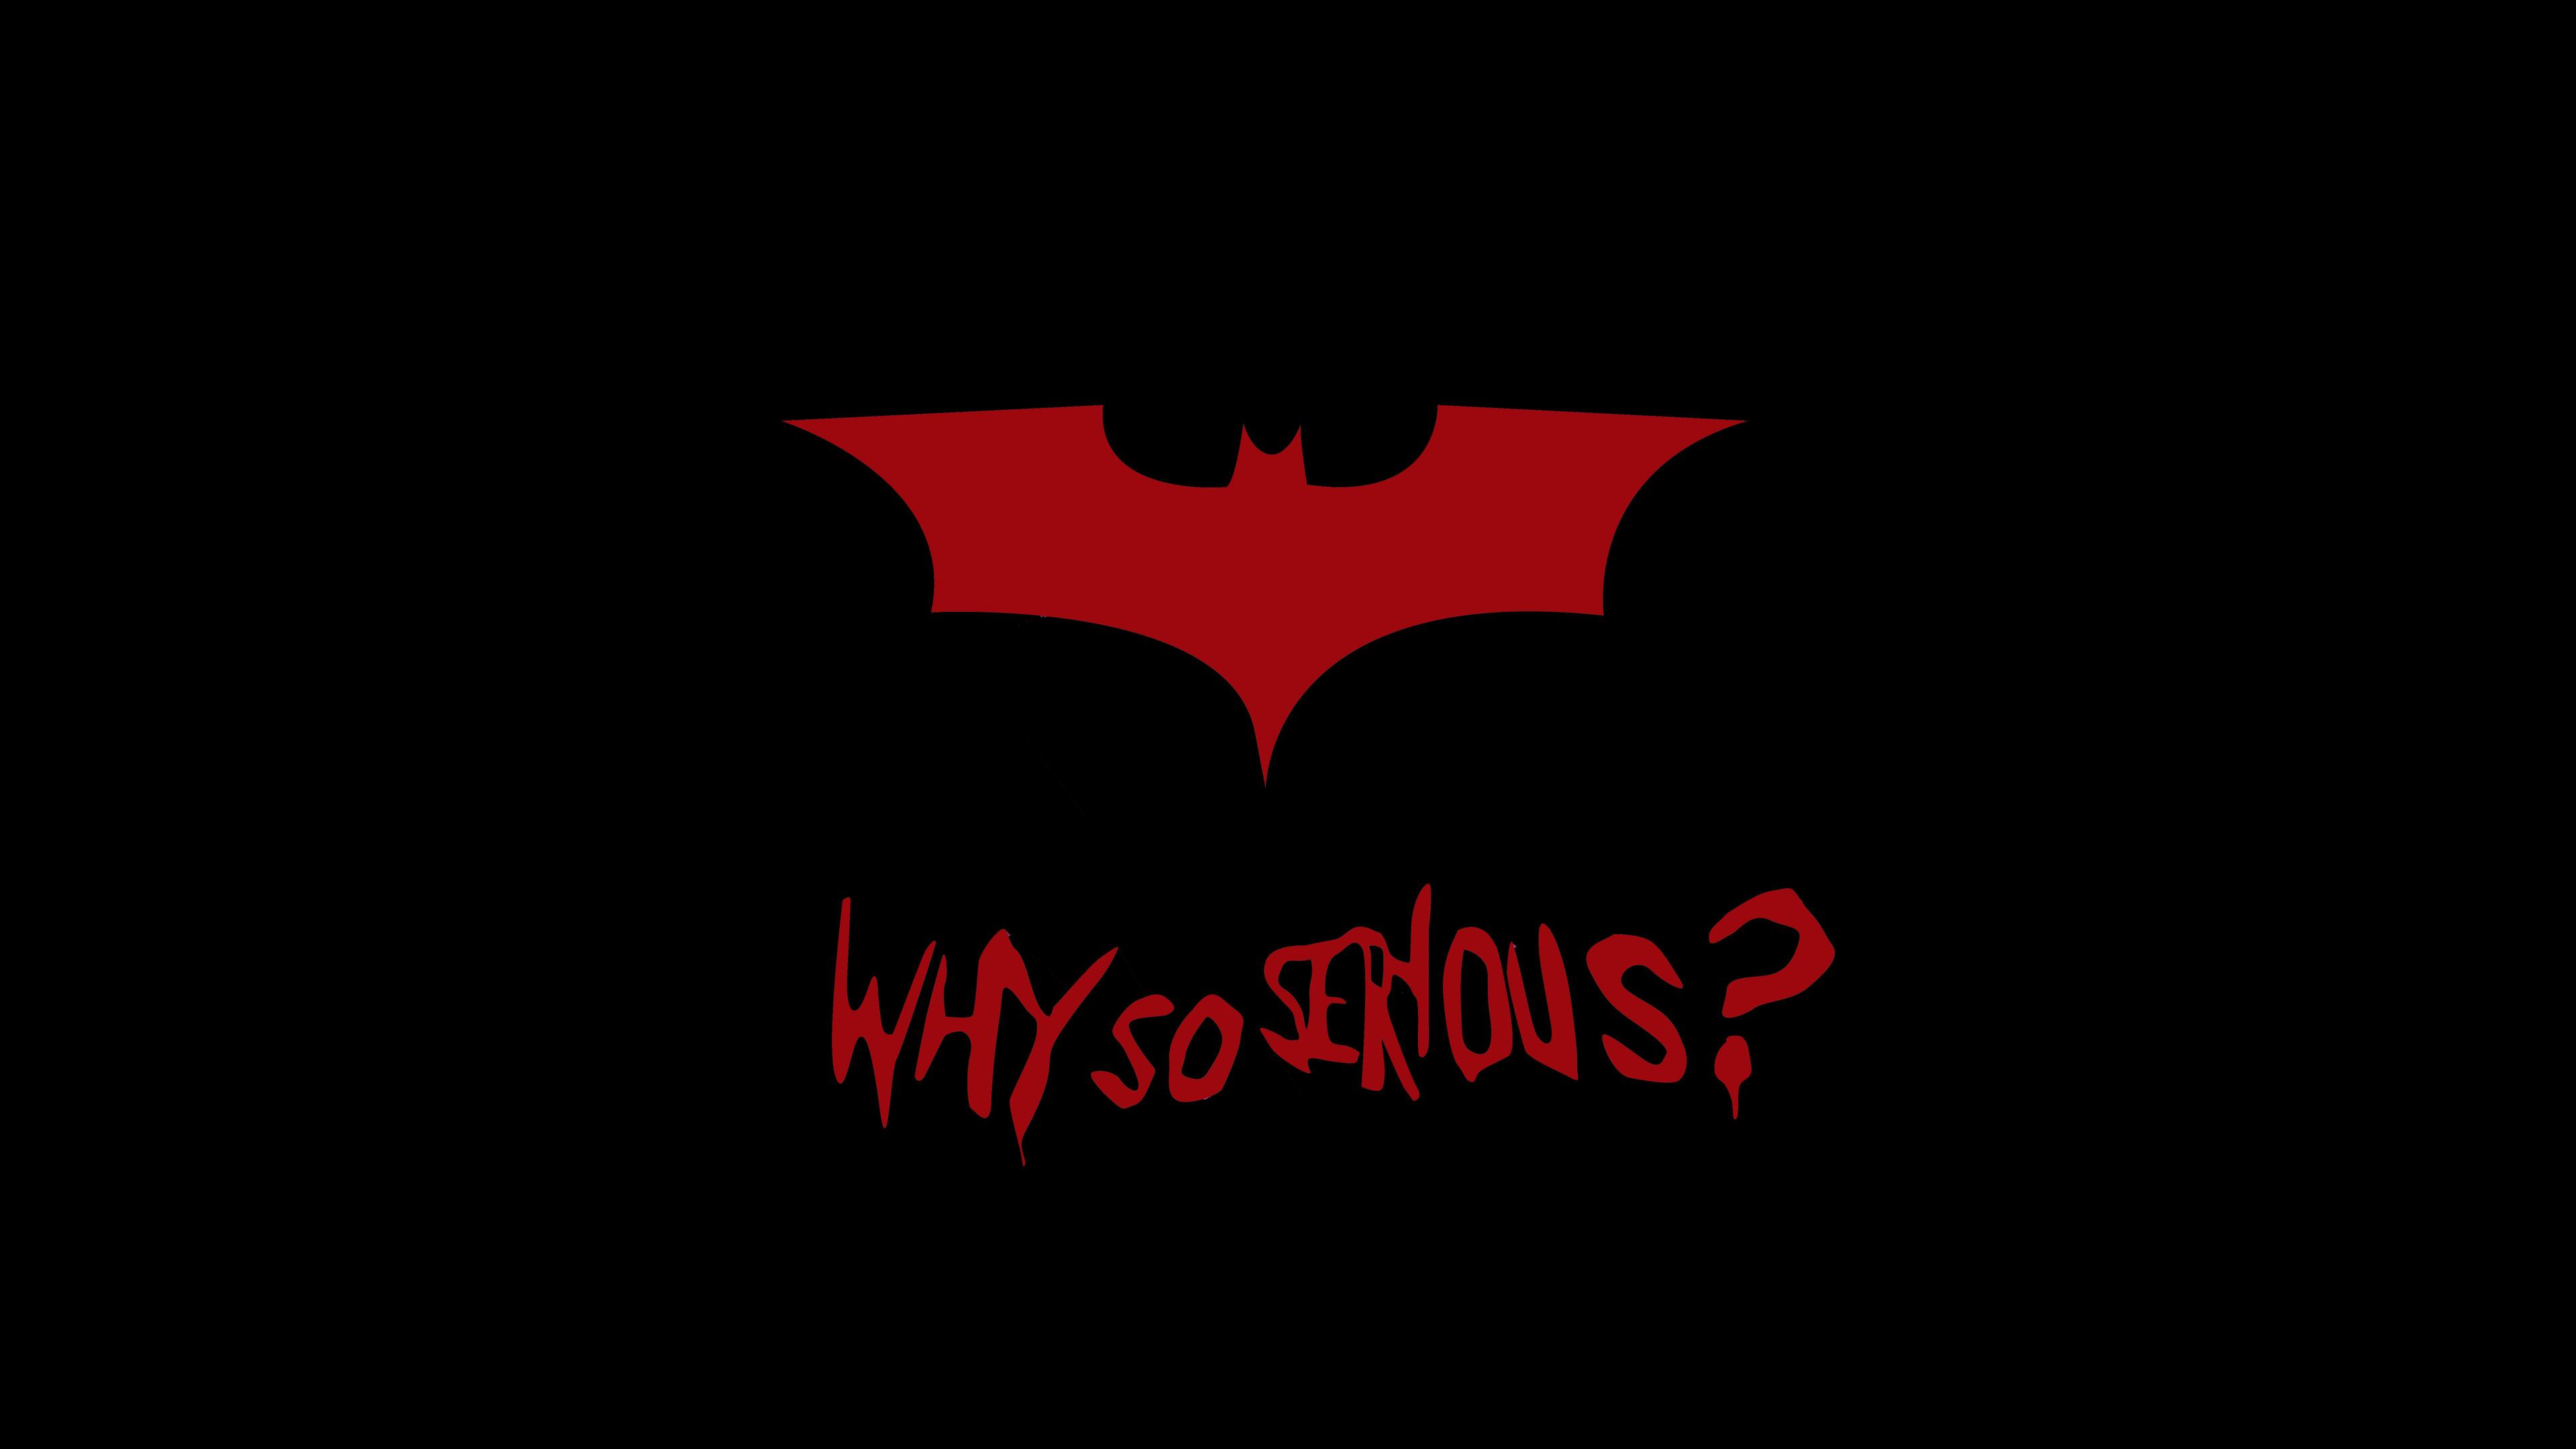 batman logo 8k 1536518808 - Batman Logo 8k - logo wallpapers, hd-wallpapers, batman wallpapers, 8k wallpapers, 5k wallpapers, 4k-wallpapers